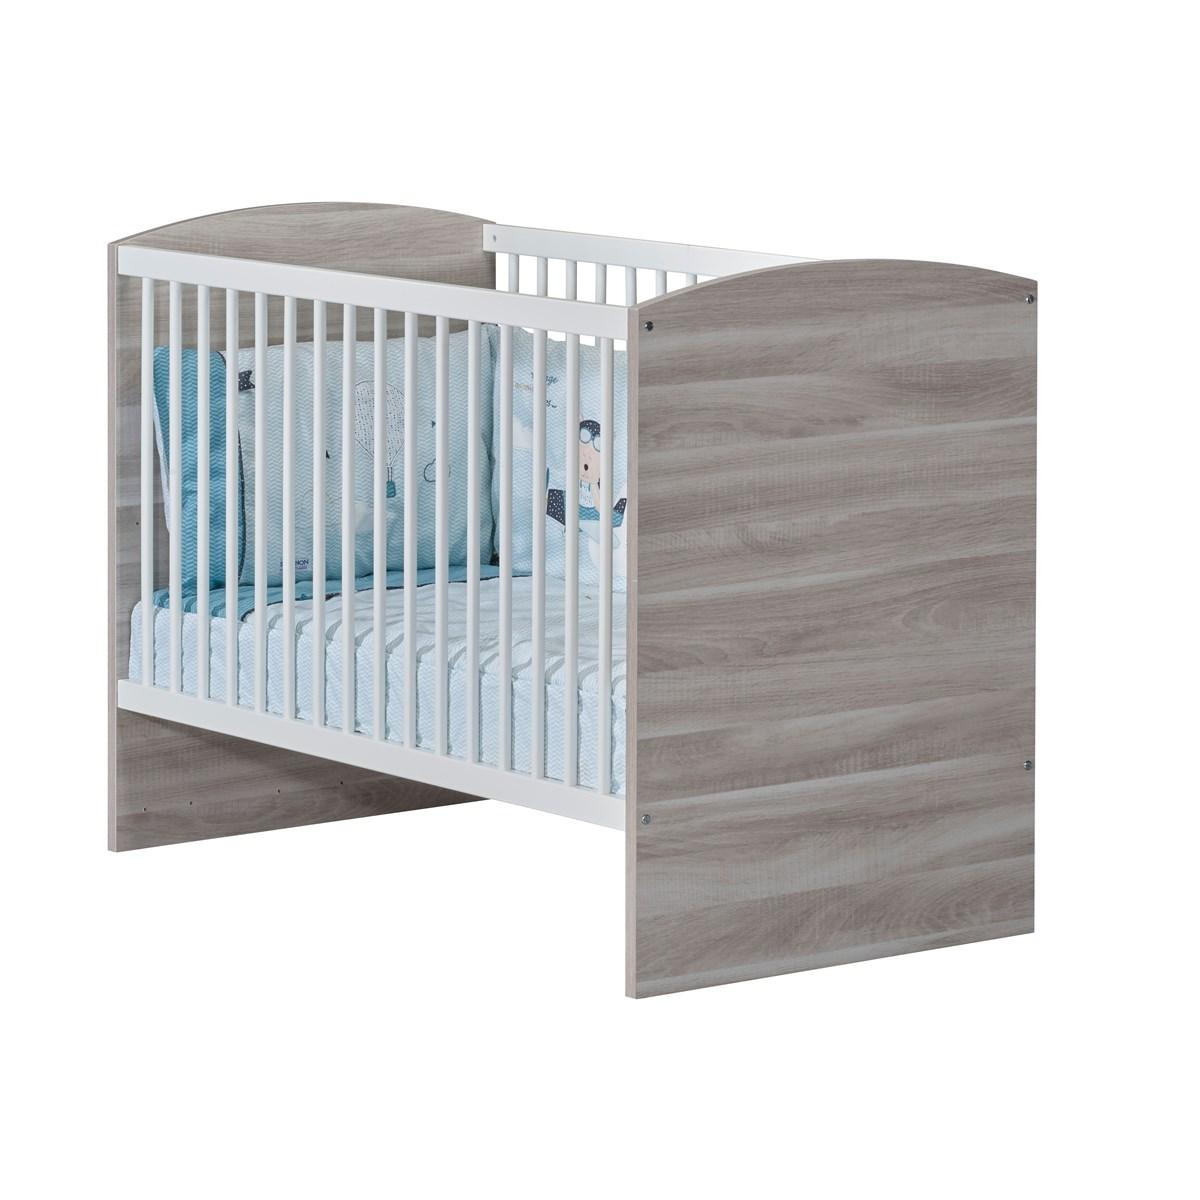 Lit bebe 120x60 en mdf gris foncé